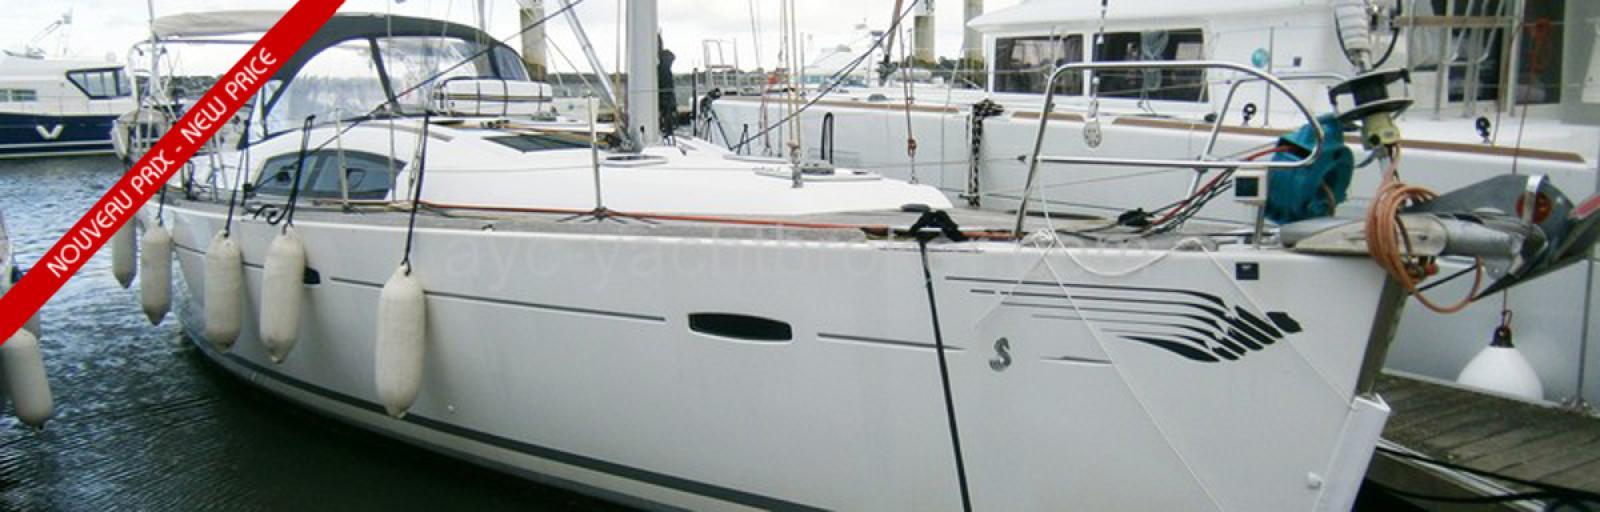 Oceanis 43 version propriétaire équipé pour voyager